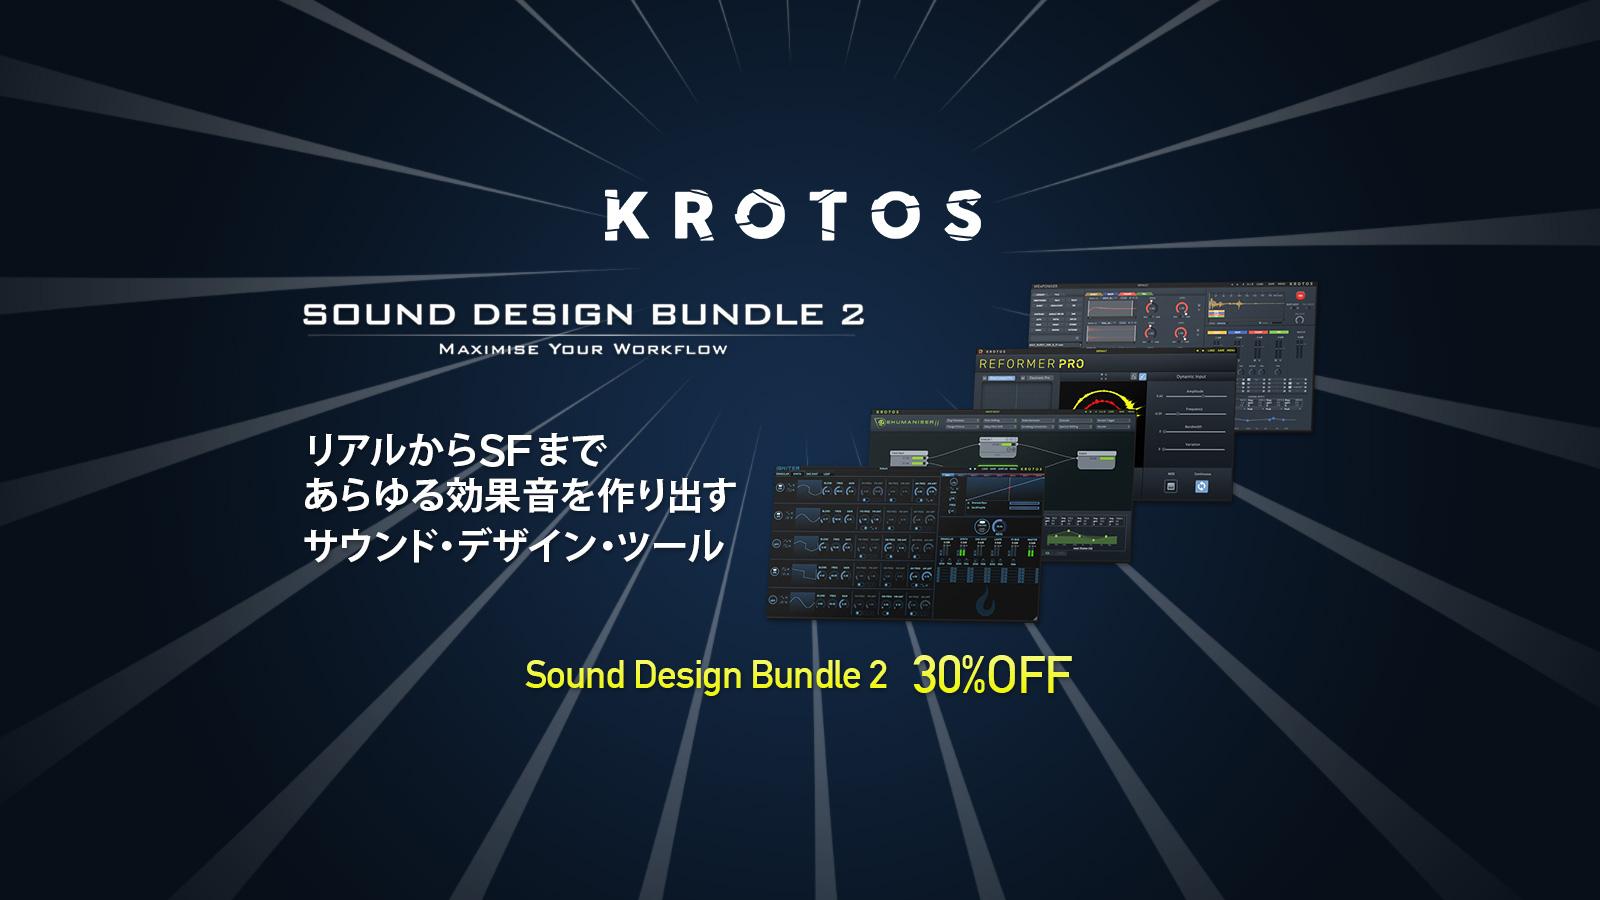 リアルからSFまであらゆる効果音を作り出すサウンド・デザイン・ツール KROTOS Sound Design Bundle 2